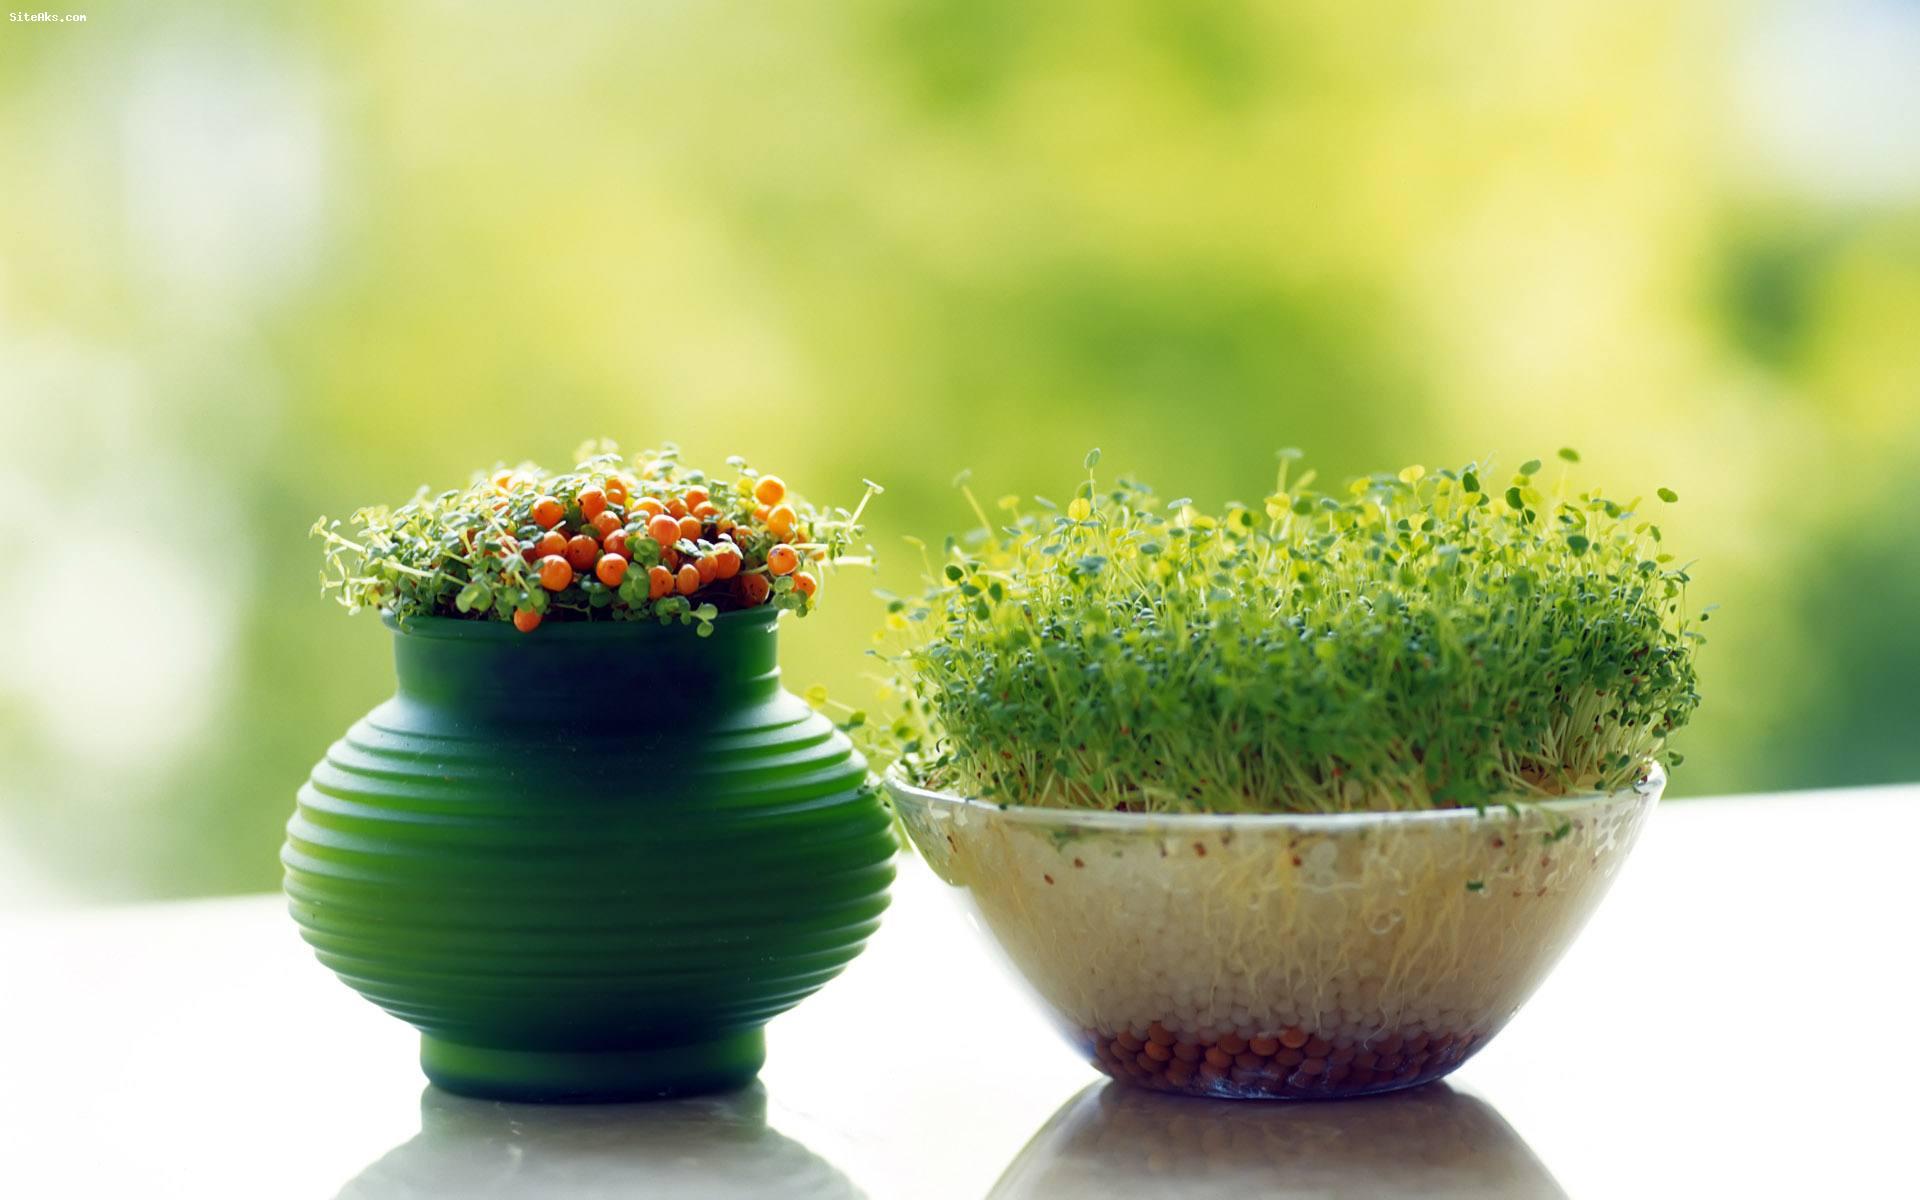 روش های کاشت سبزه دو رنگ برای عید نوروز-درست مصرف کنیم - آموزش همگانی - آگاهی مصرف